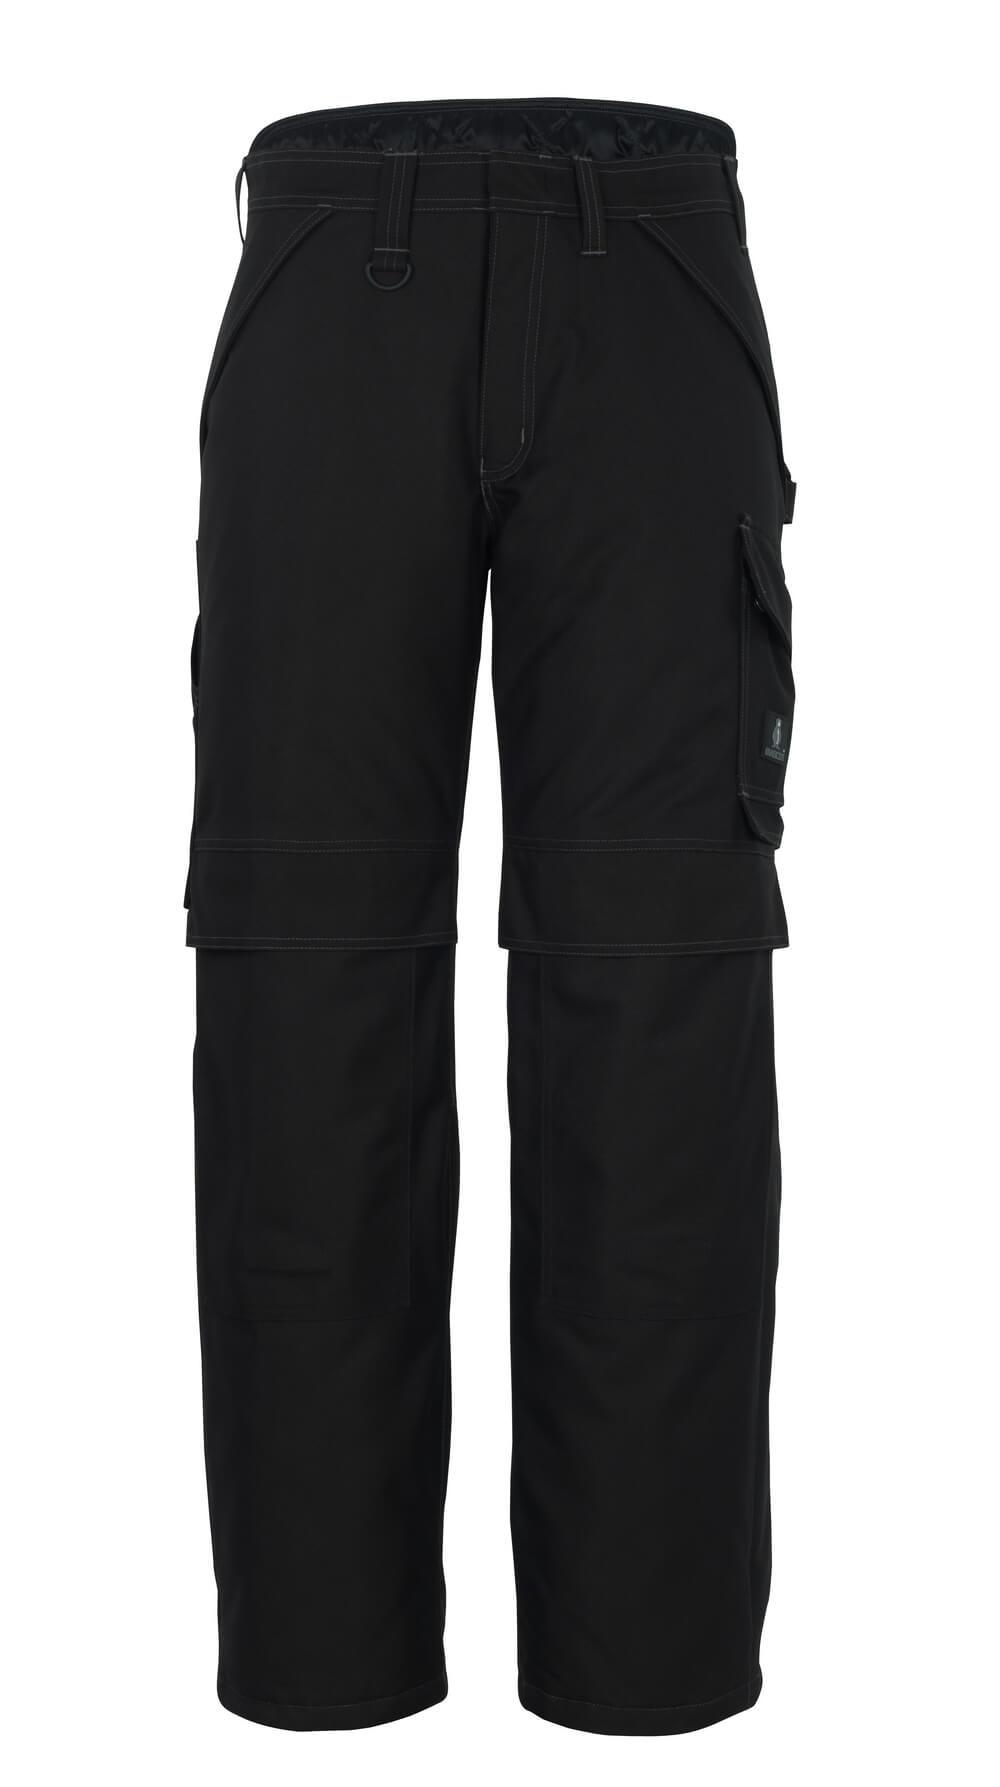 10090-194-09 Pantalones de invierno con bolsillos para rodilleras - negro